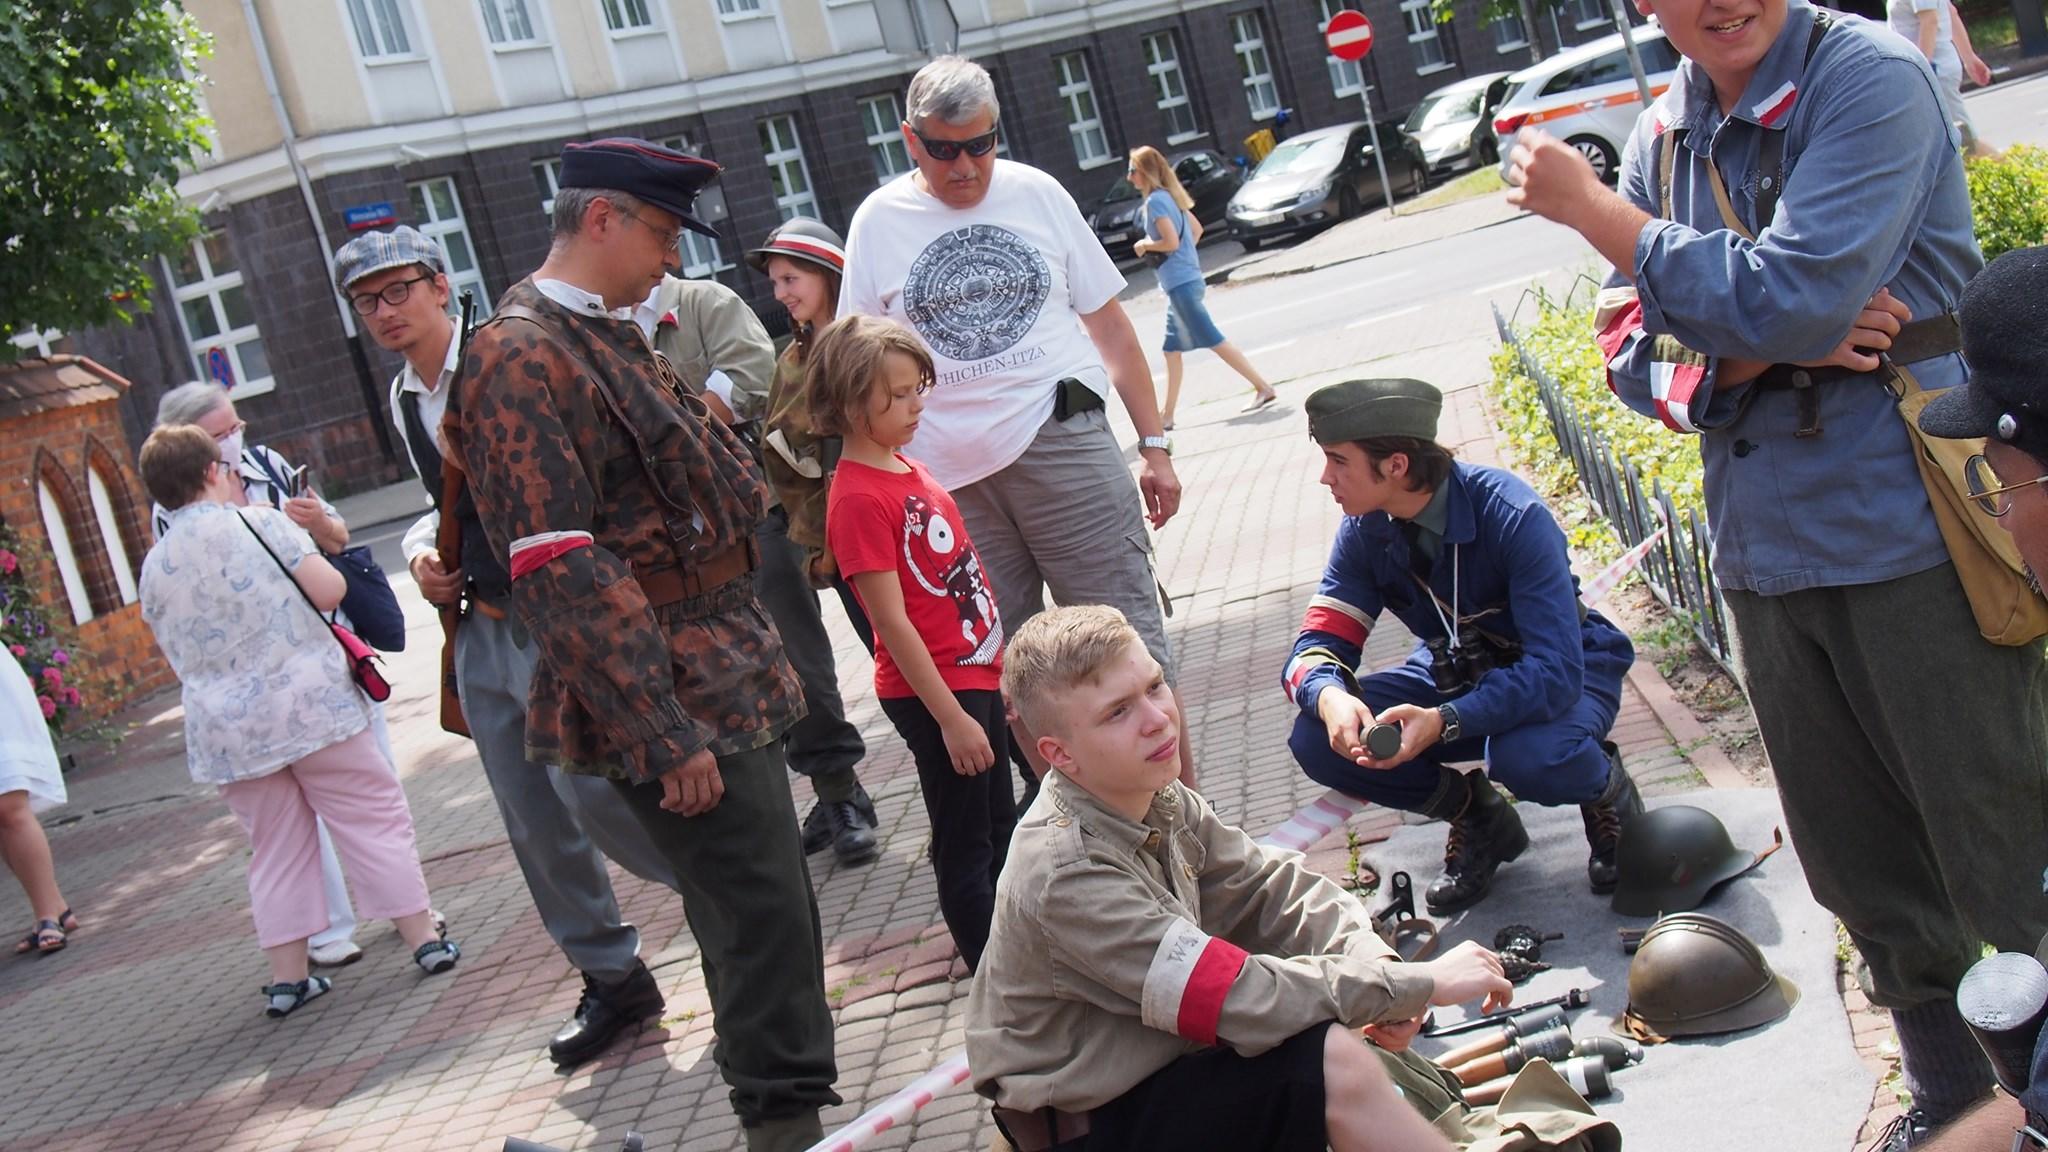 Obchody rocznicy podjęcia Powstania Warszawskiego na Pradze-Północ: 2 sierpnia